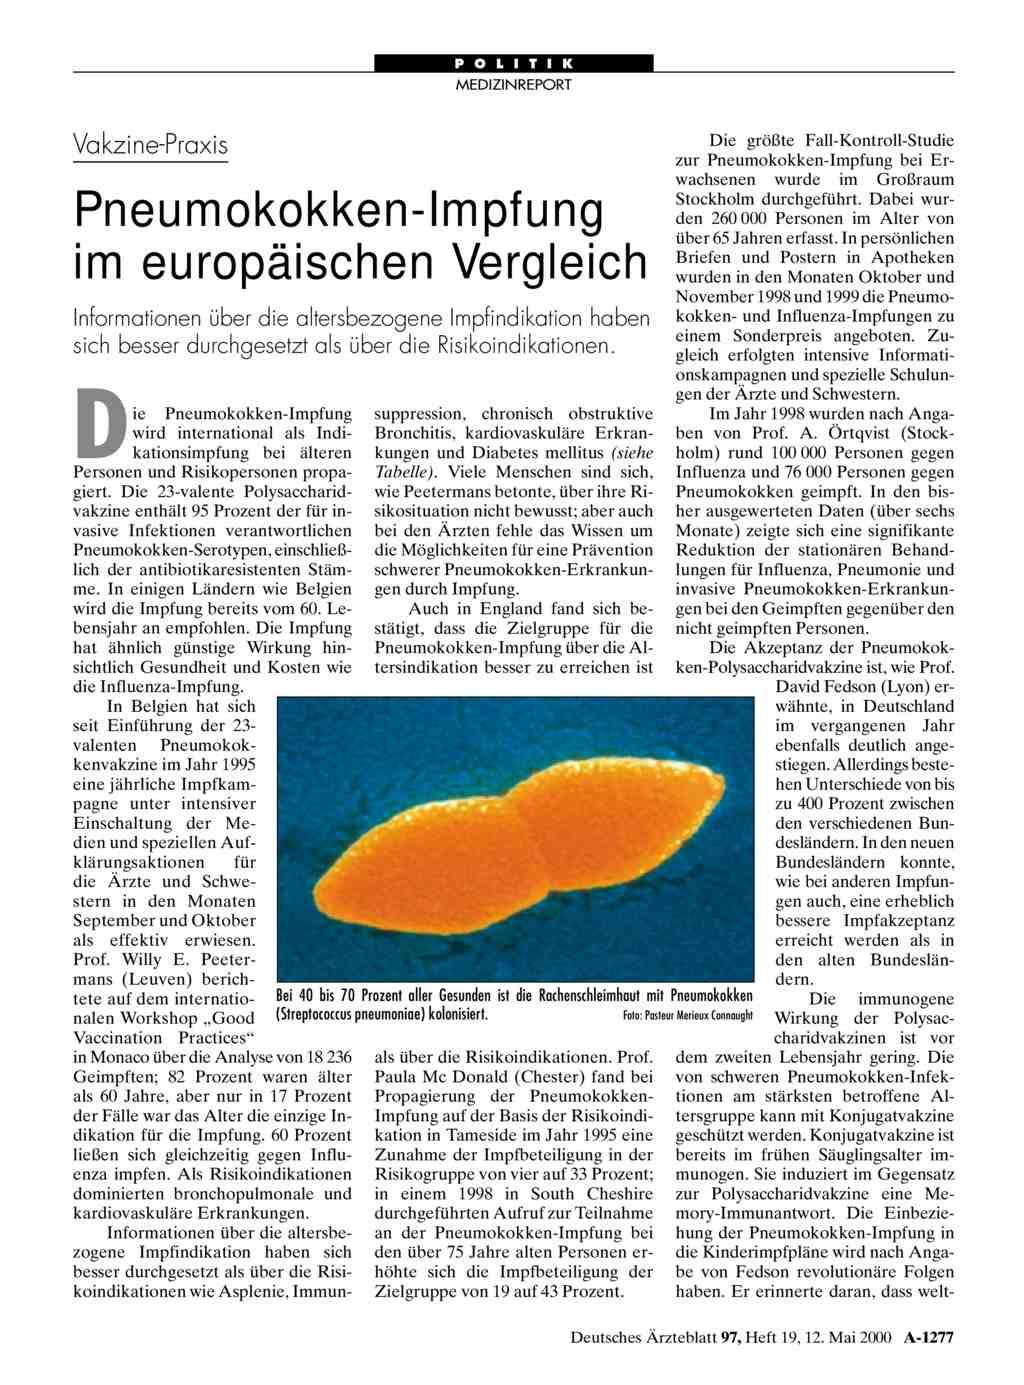 Vakzine Praxis Pneumokokken Impfung Im Europaischen Vergleich